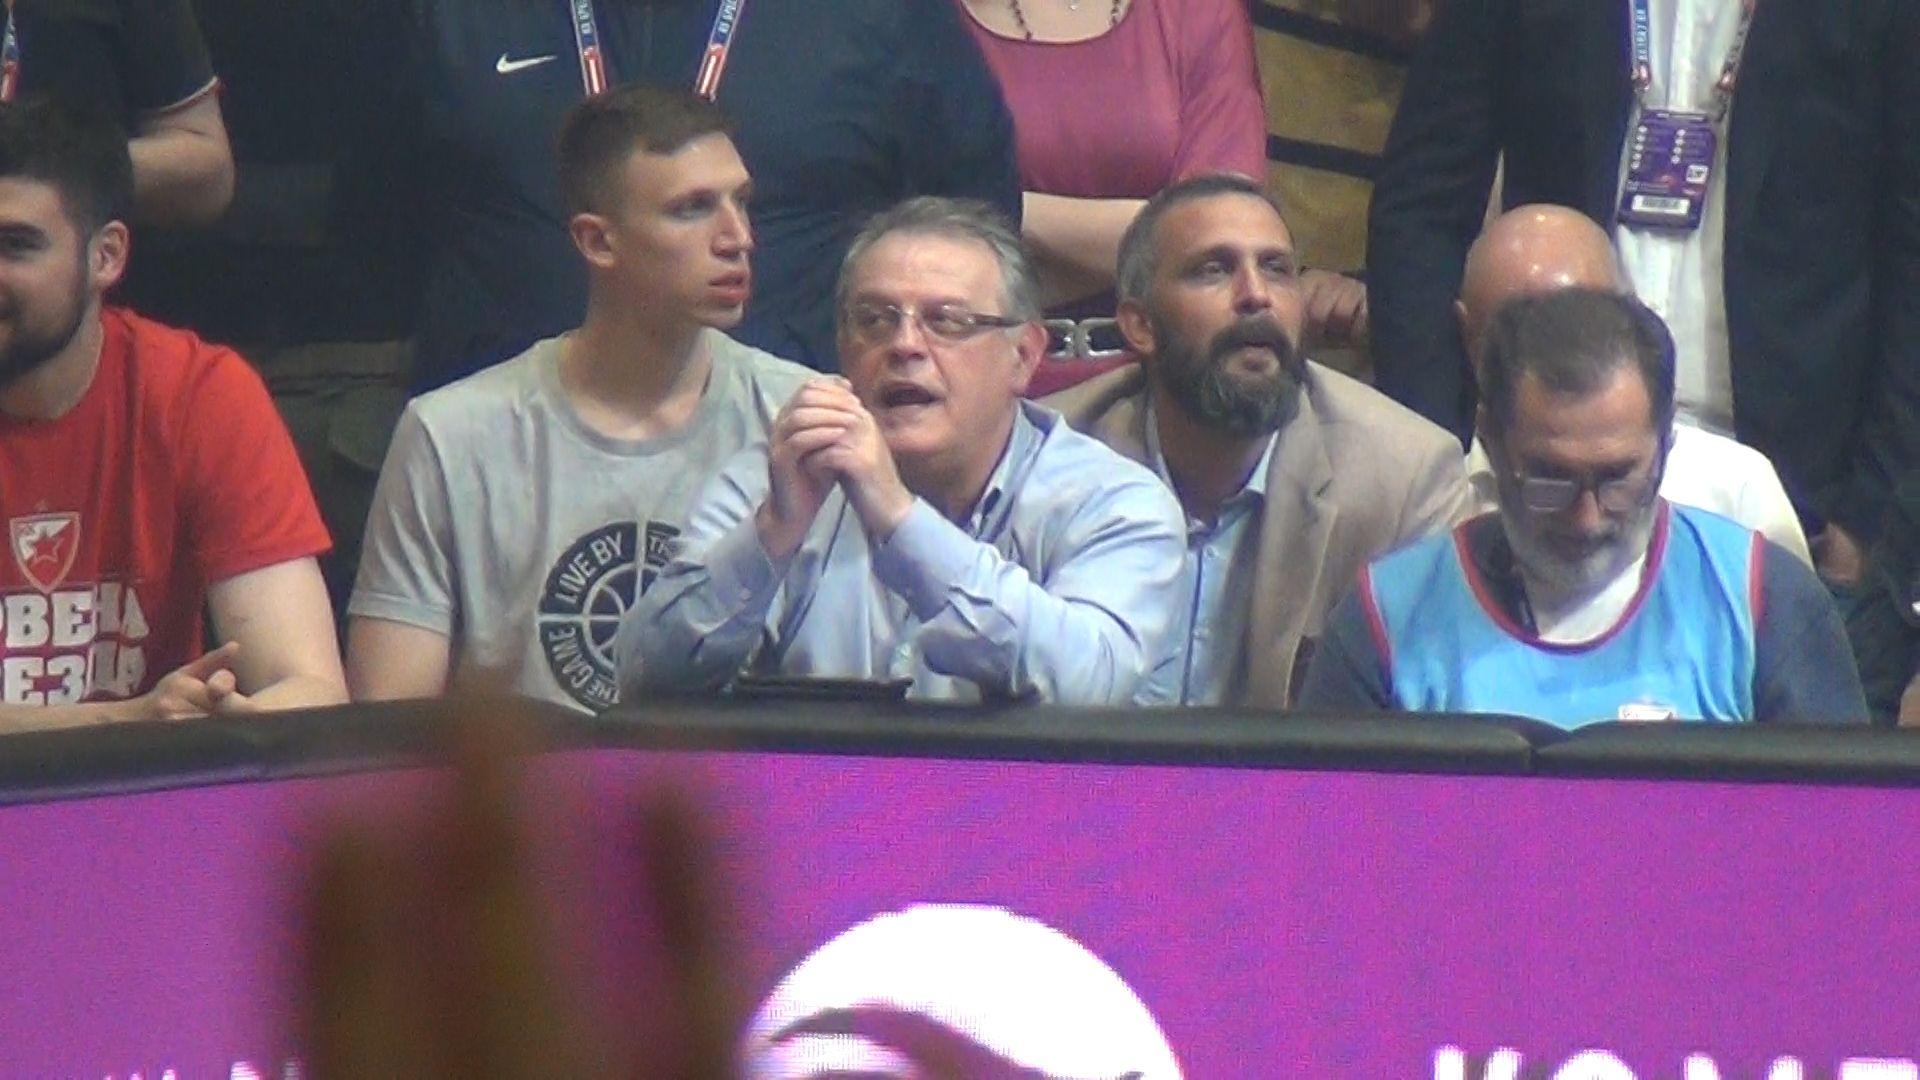 Čovića pukle emocije kad je čuo Vidovdan, pa zapevao: Ko da mi otme iz moje duše Kosovo?! (VIDEO)